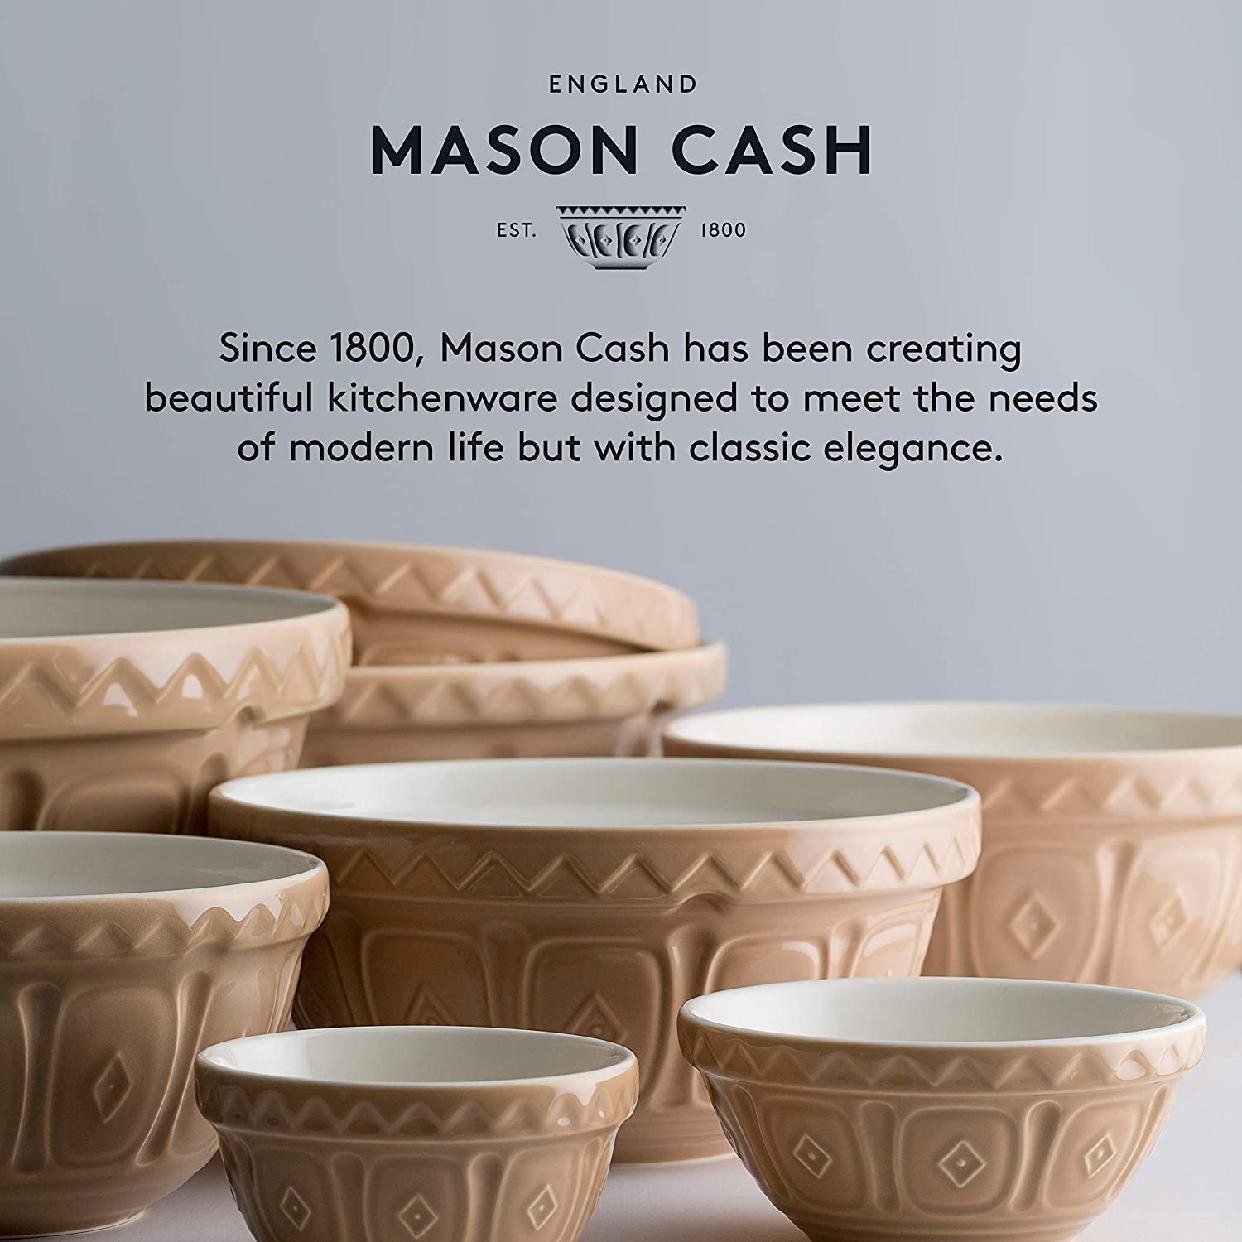 MASON CASH ミキシングボウル ケーンの商品画像7